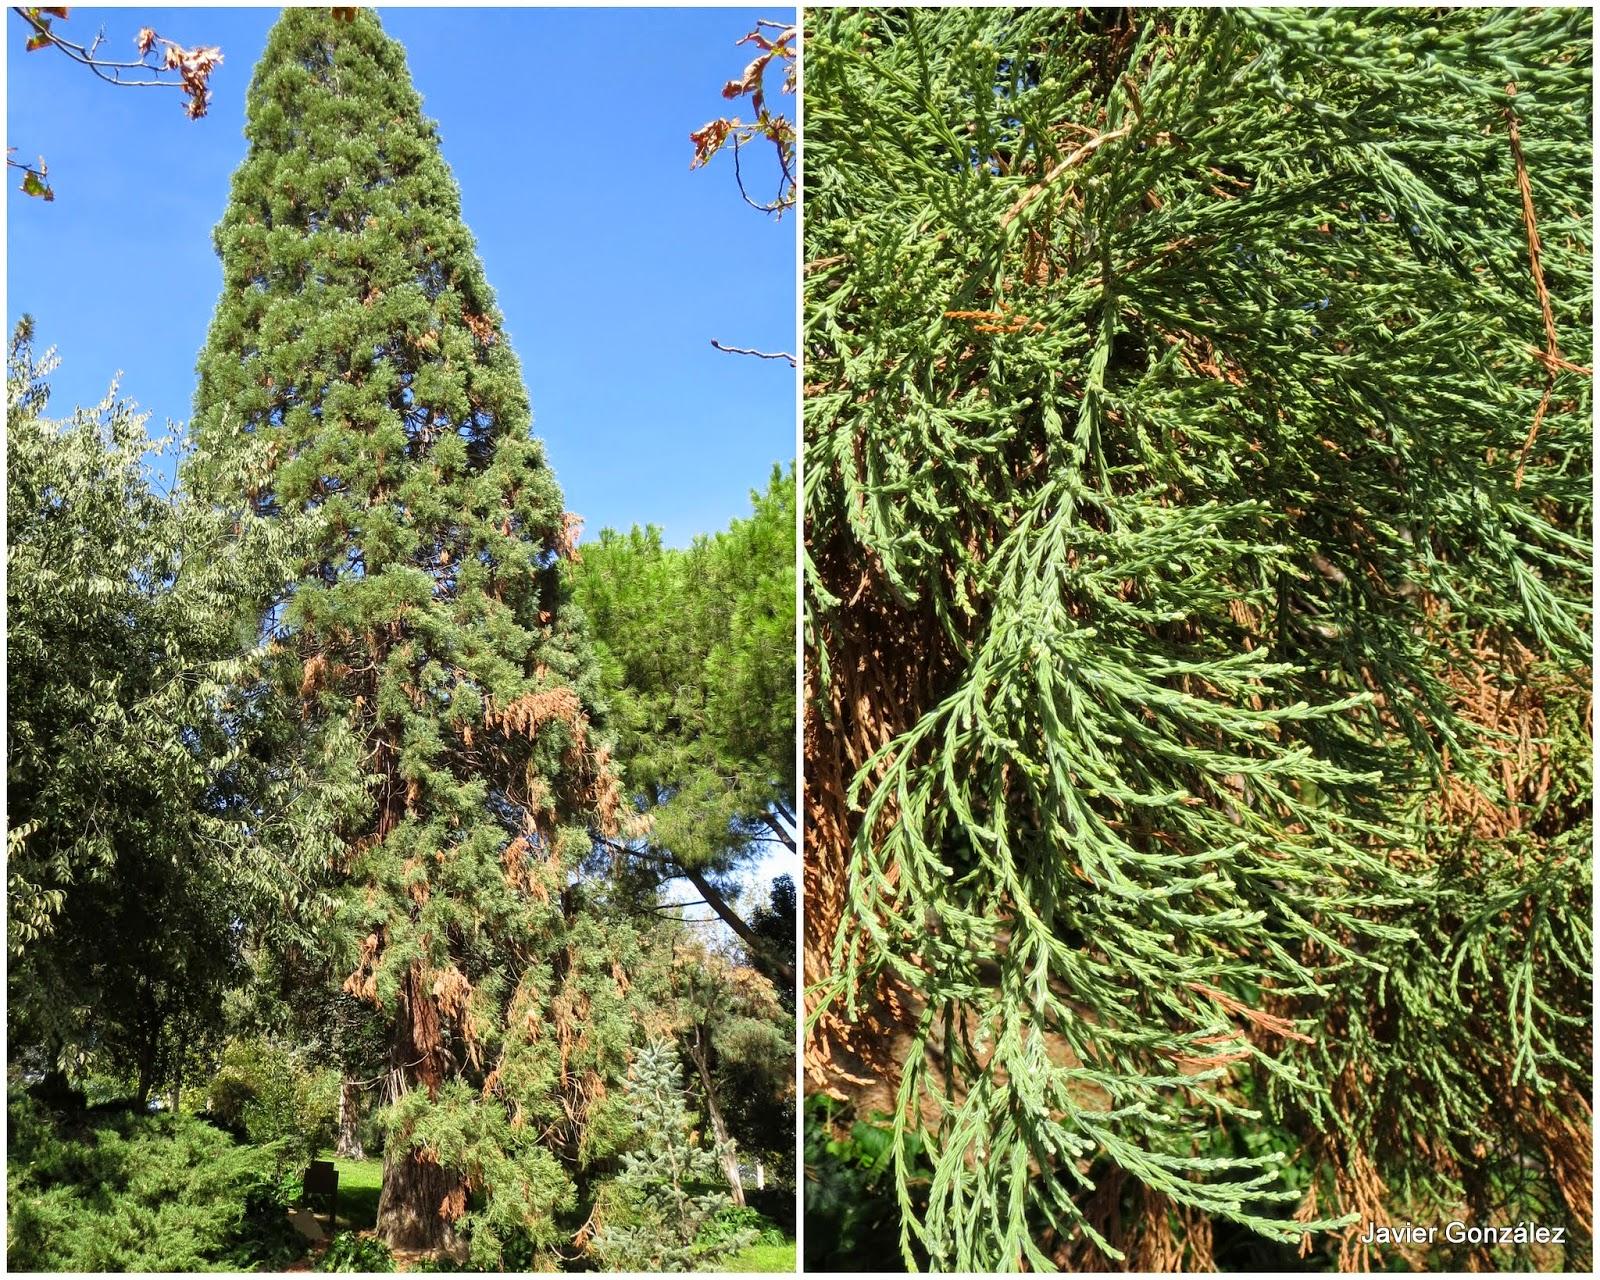 Parque del Retiro. Secuoya gigante / Giant Sequoia